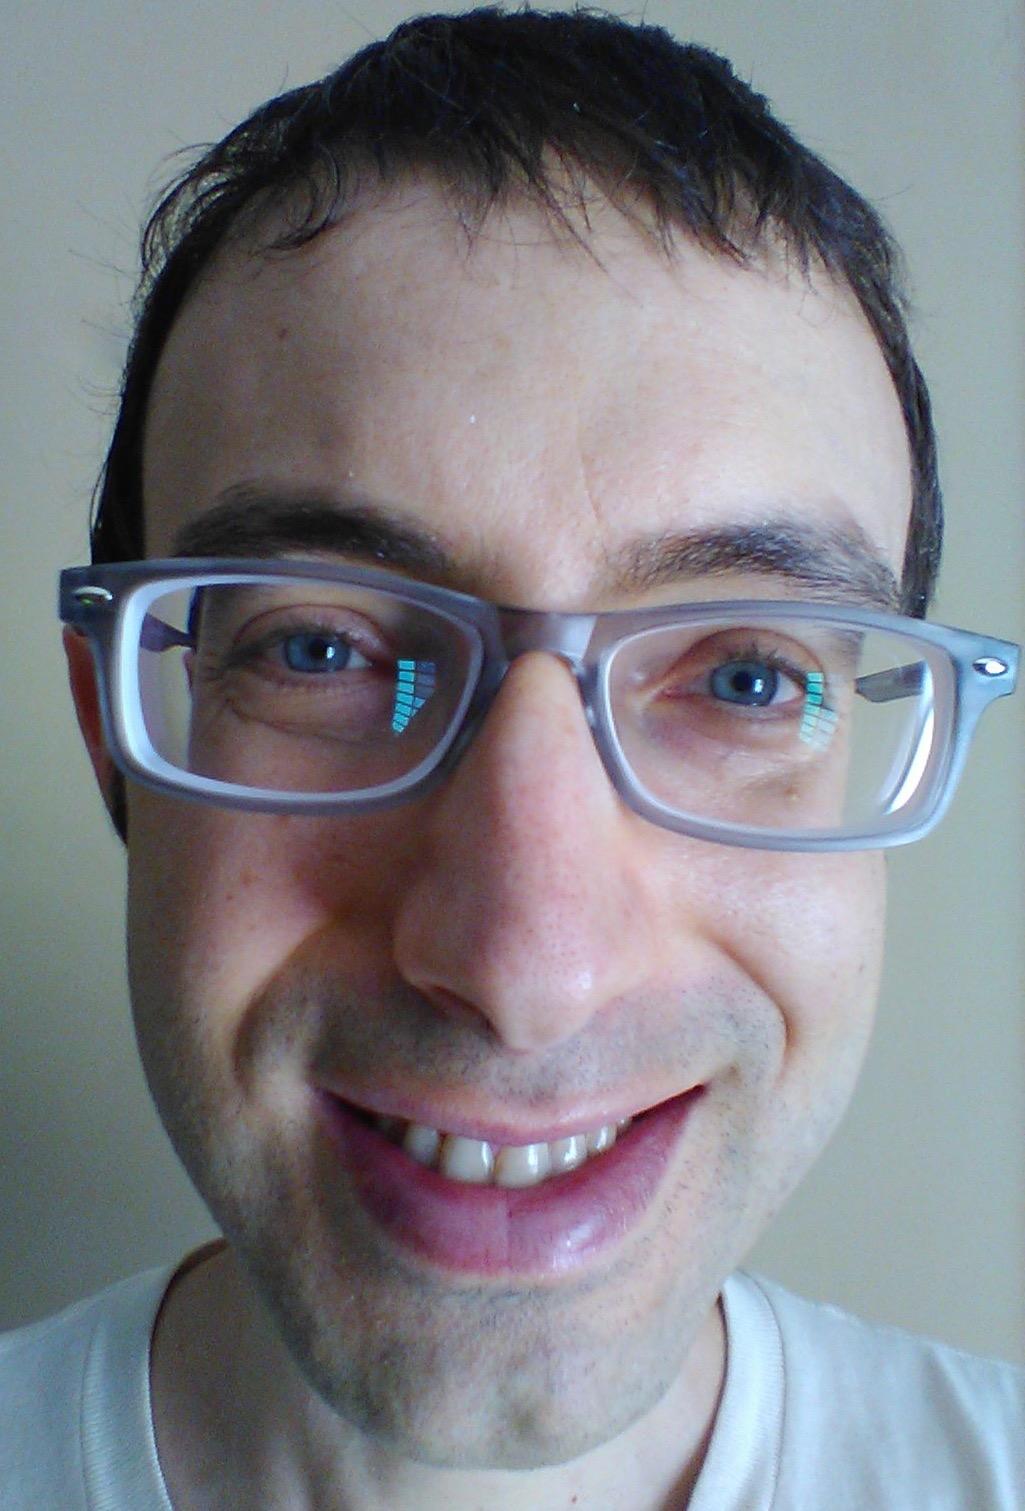 Jon Sasmor, AB, RCPC (Program Director, MinBalance LLC)